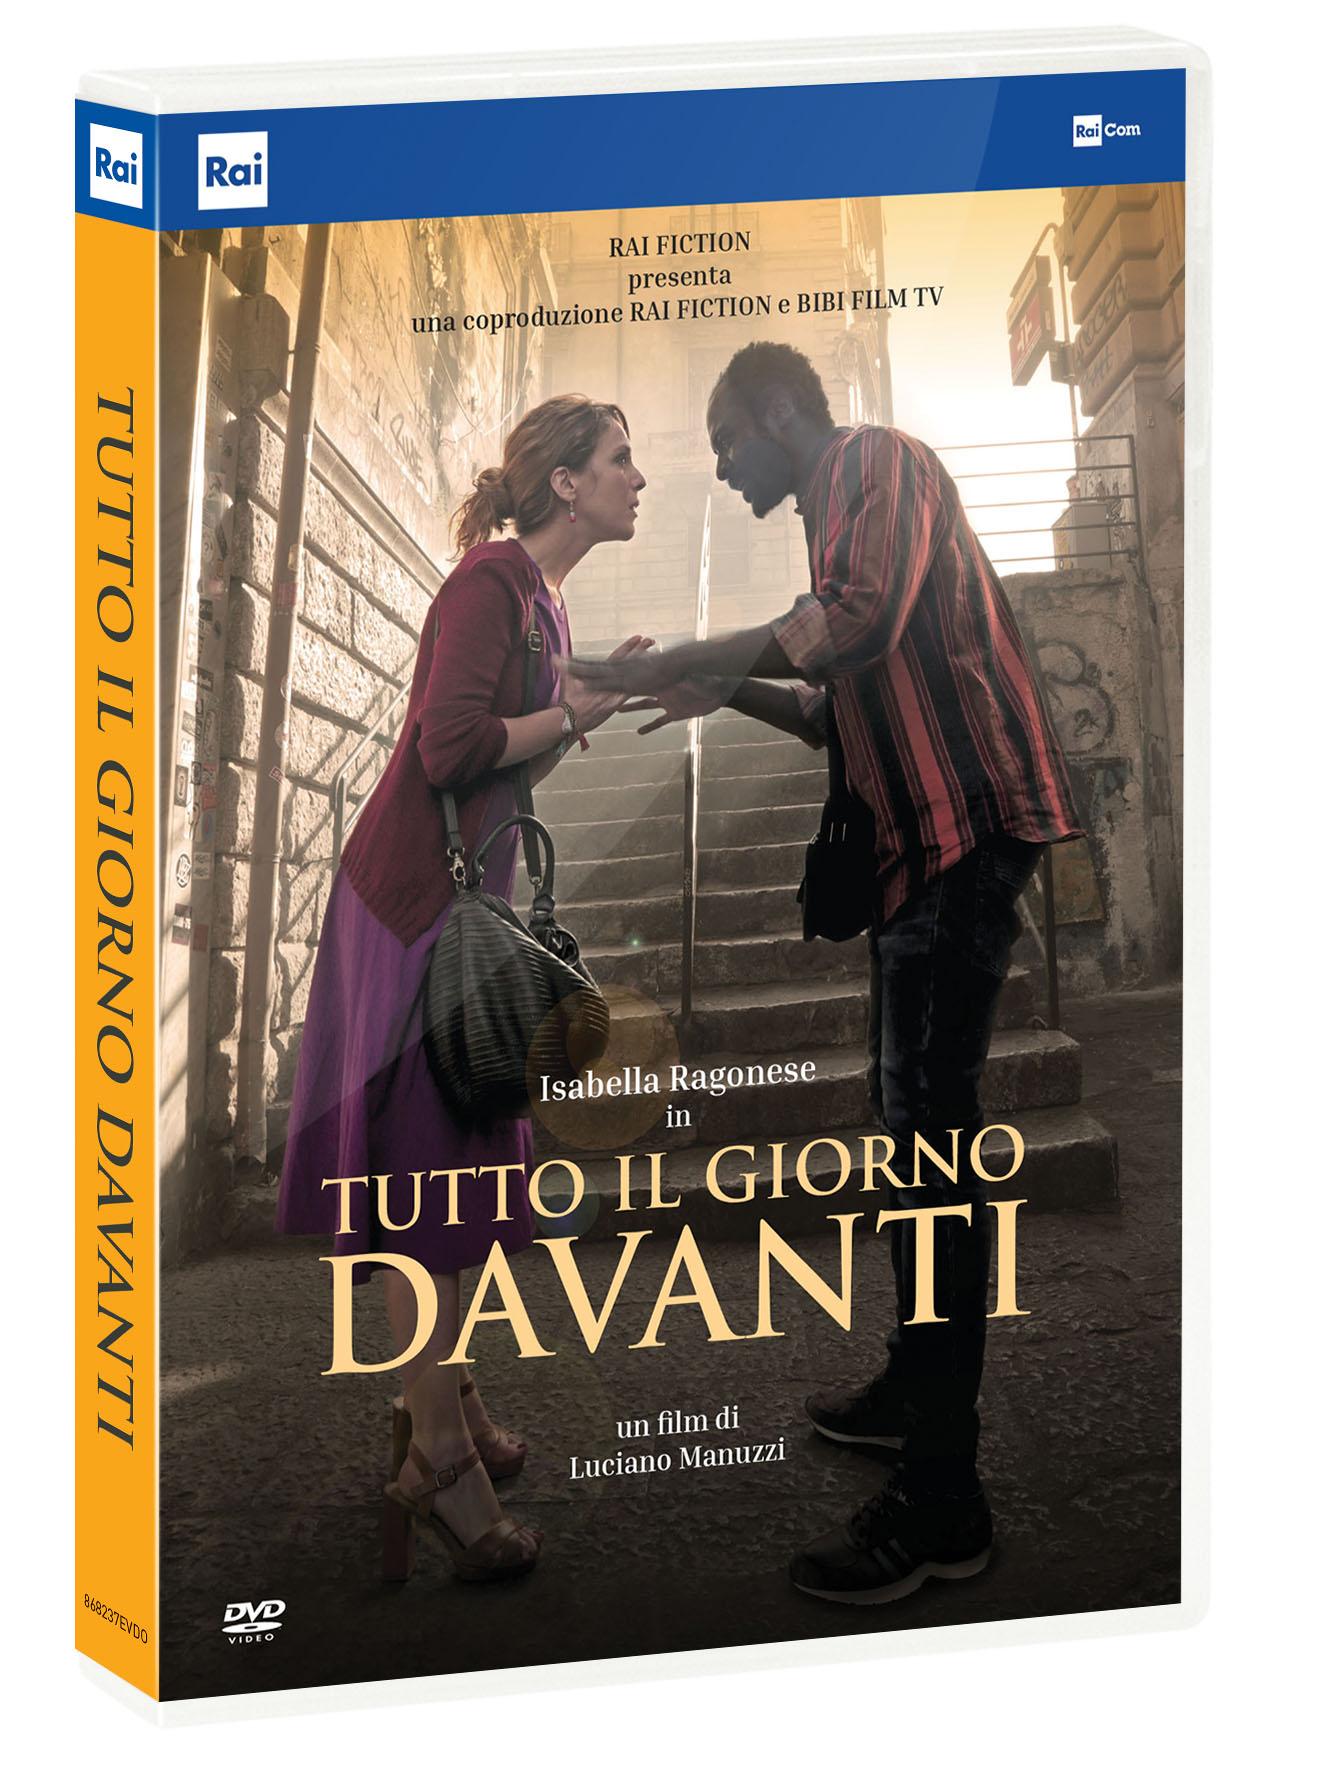 TUTTO IL GIORNO DAVANTI (DVD)